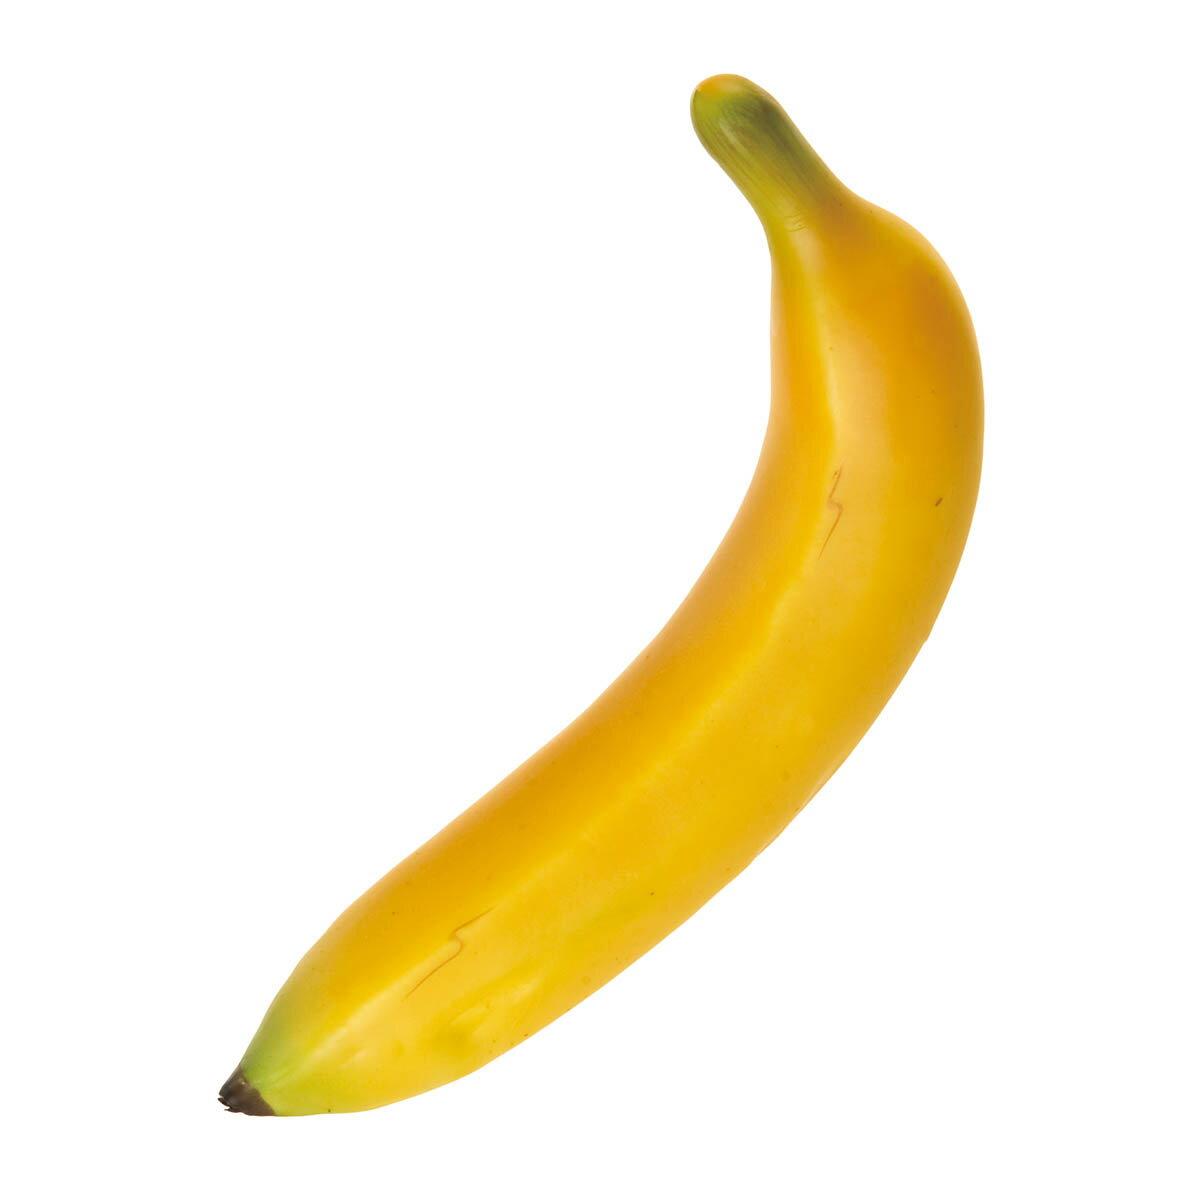 【造花】バナナ イエロー/FV003030【01】【01】【取寄】《 造花(アーティフィシャルフラワー) 造花実物、フェイクフルーツ フルーツ、ベジタブル 》